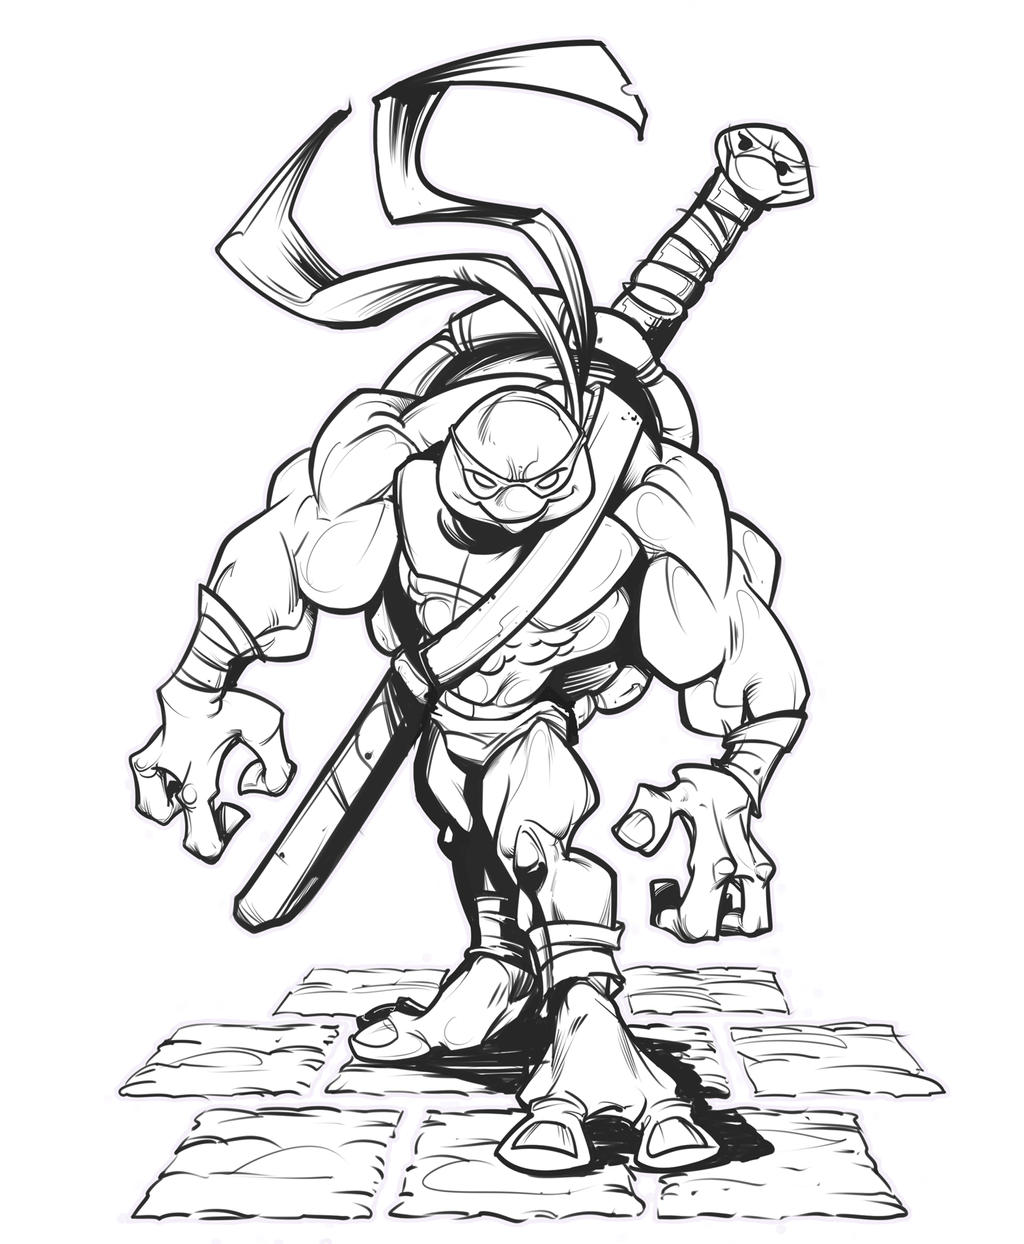 Line Art Ninja : Ninja turtle lines by kravenous on deviantart